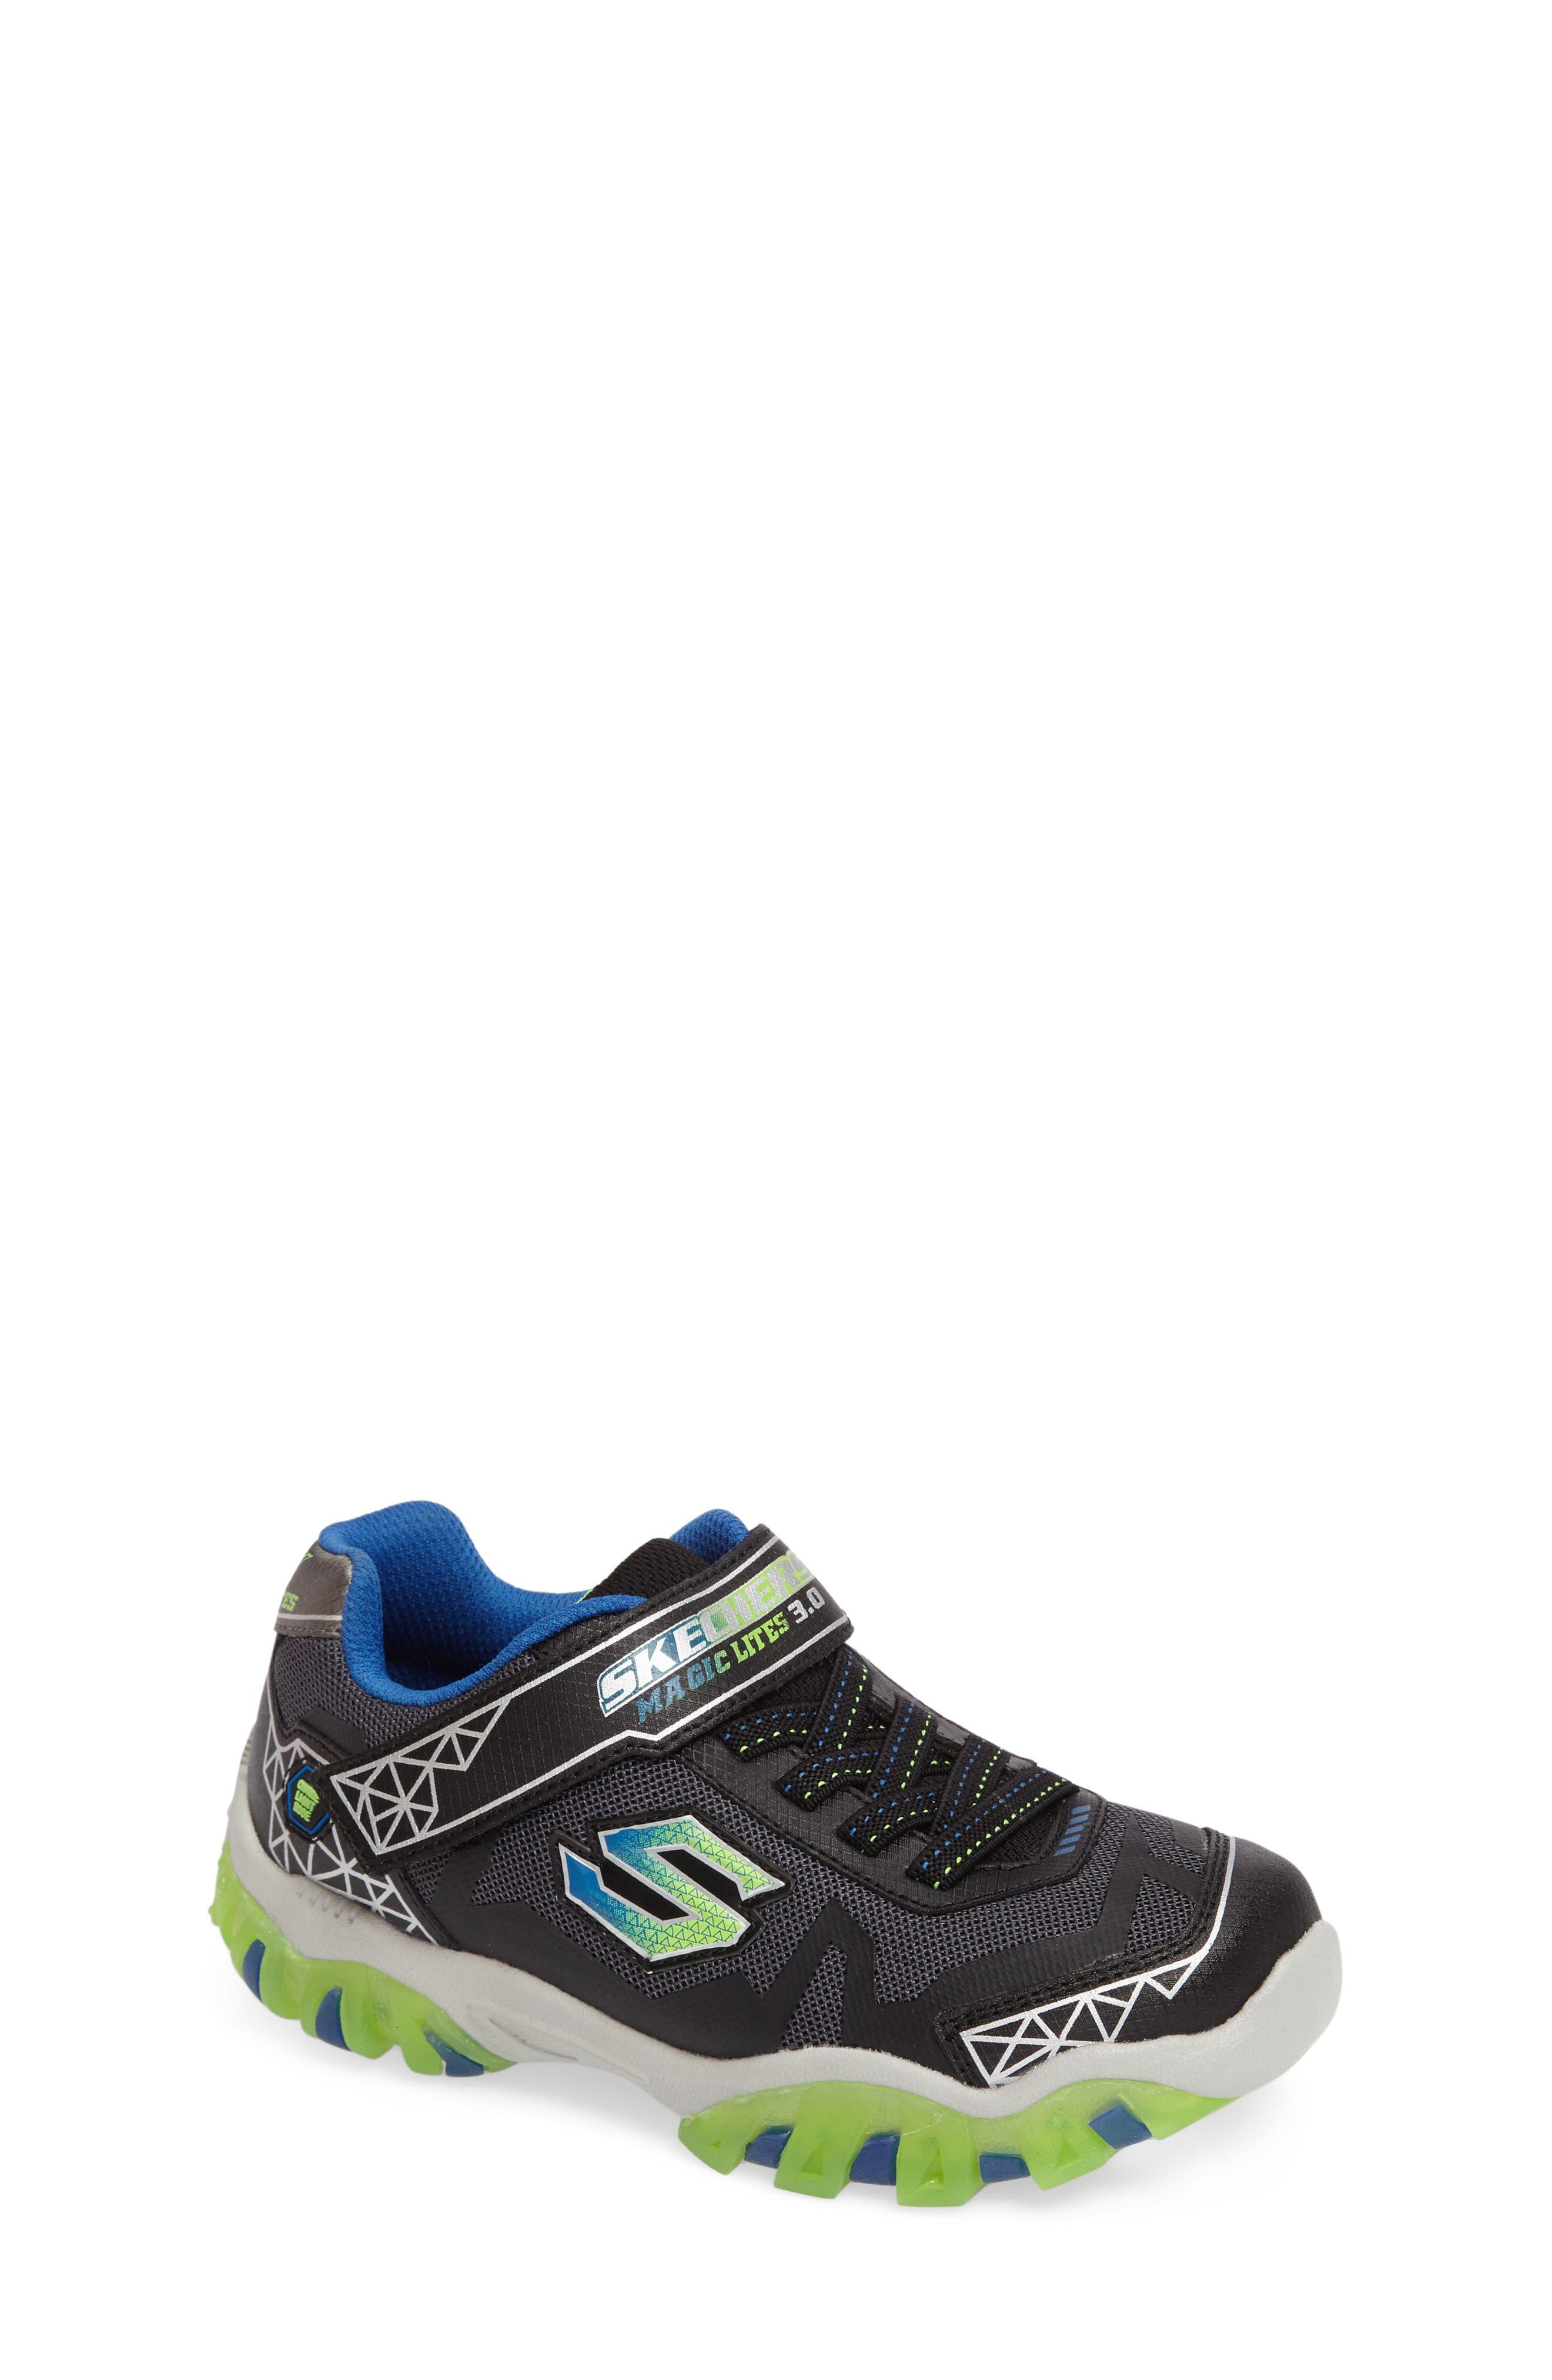 SKECHERS Magic Lites - Street Lightz 2.0 Light-Up Sneaker